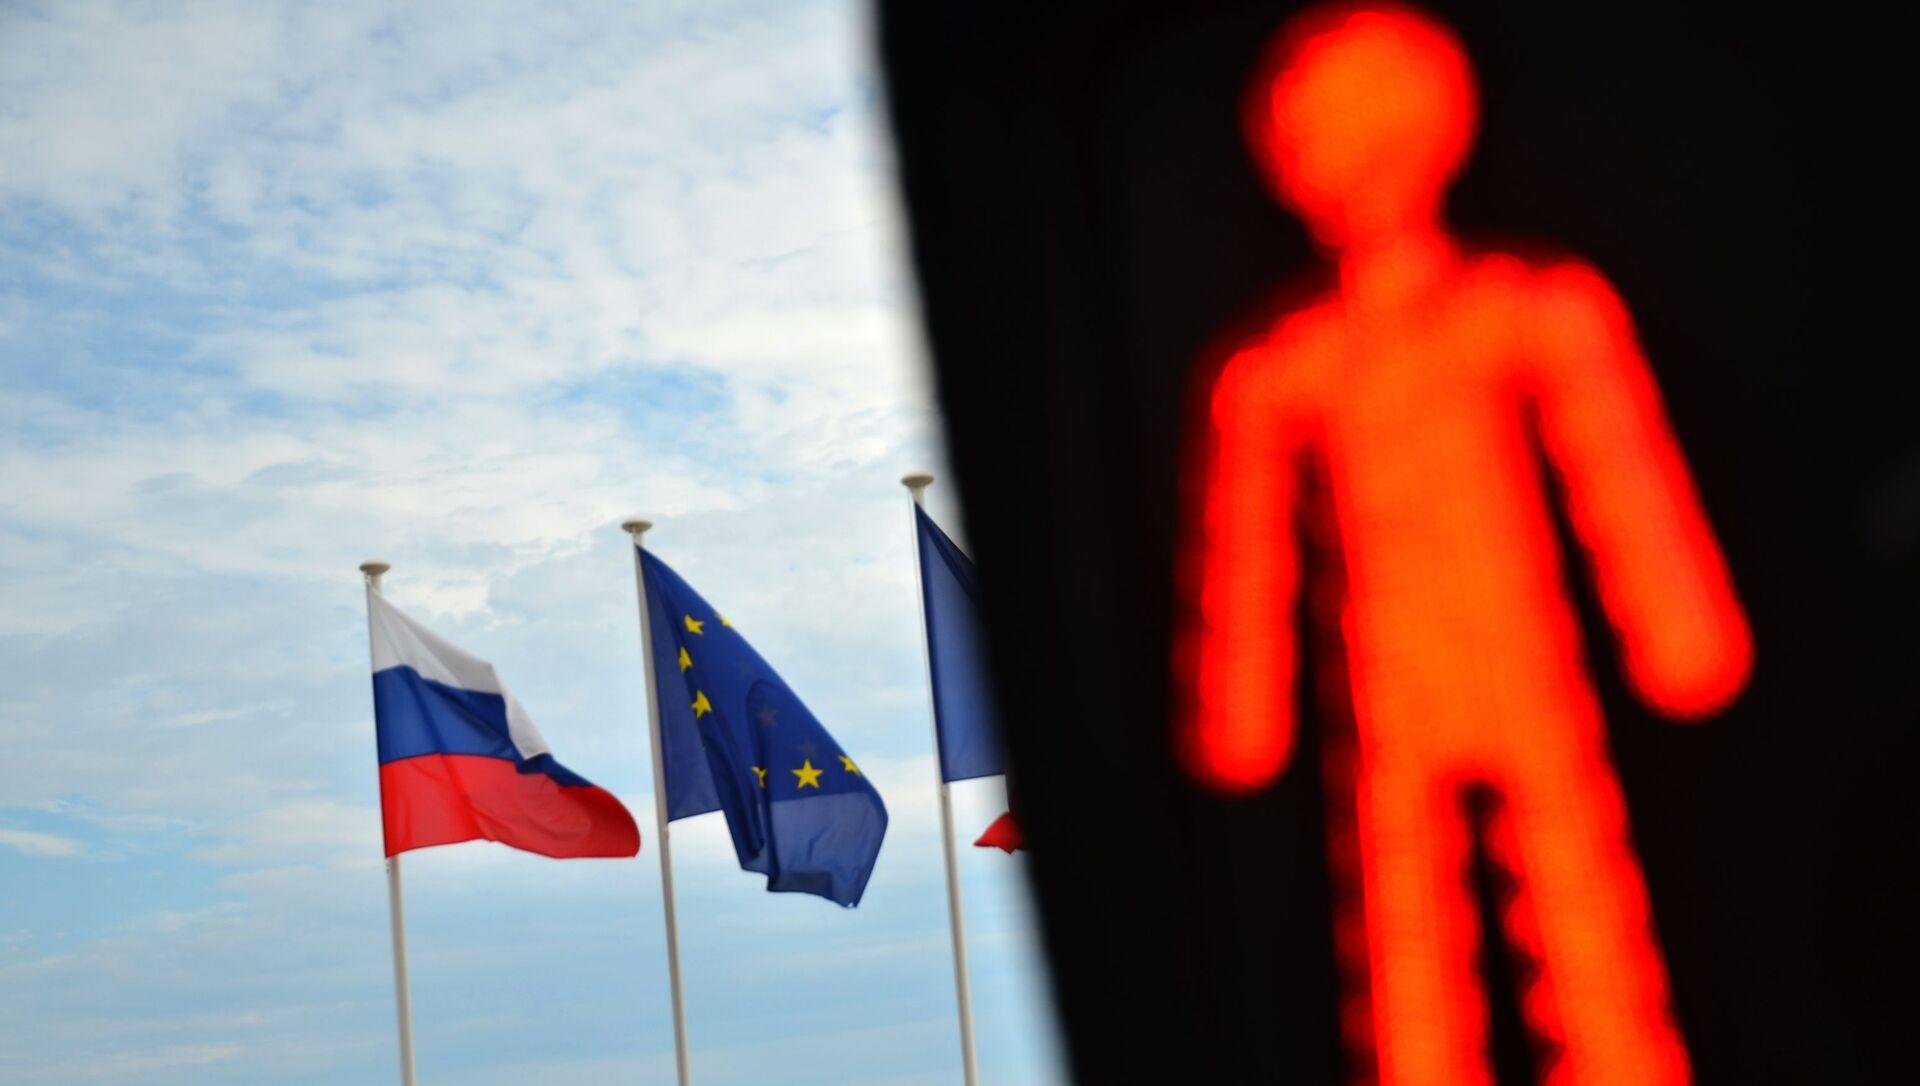 Флаги России, ЕС и Франции на набережной Ниццы - Sputnik Узбекистан, 1920, 19.02.2021